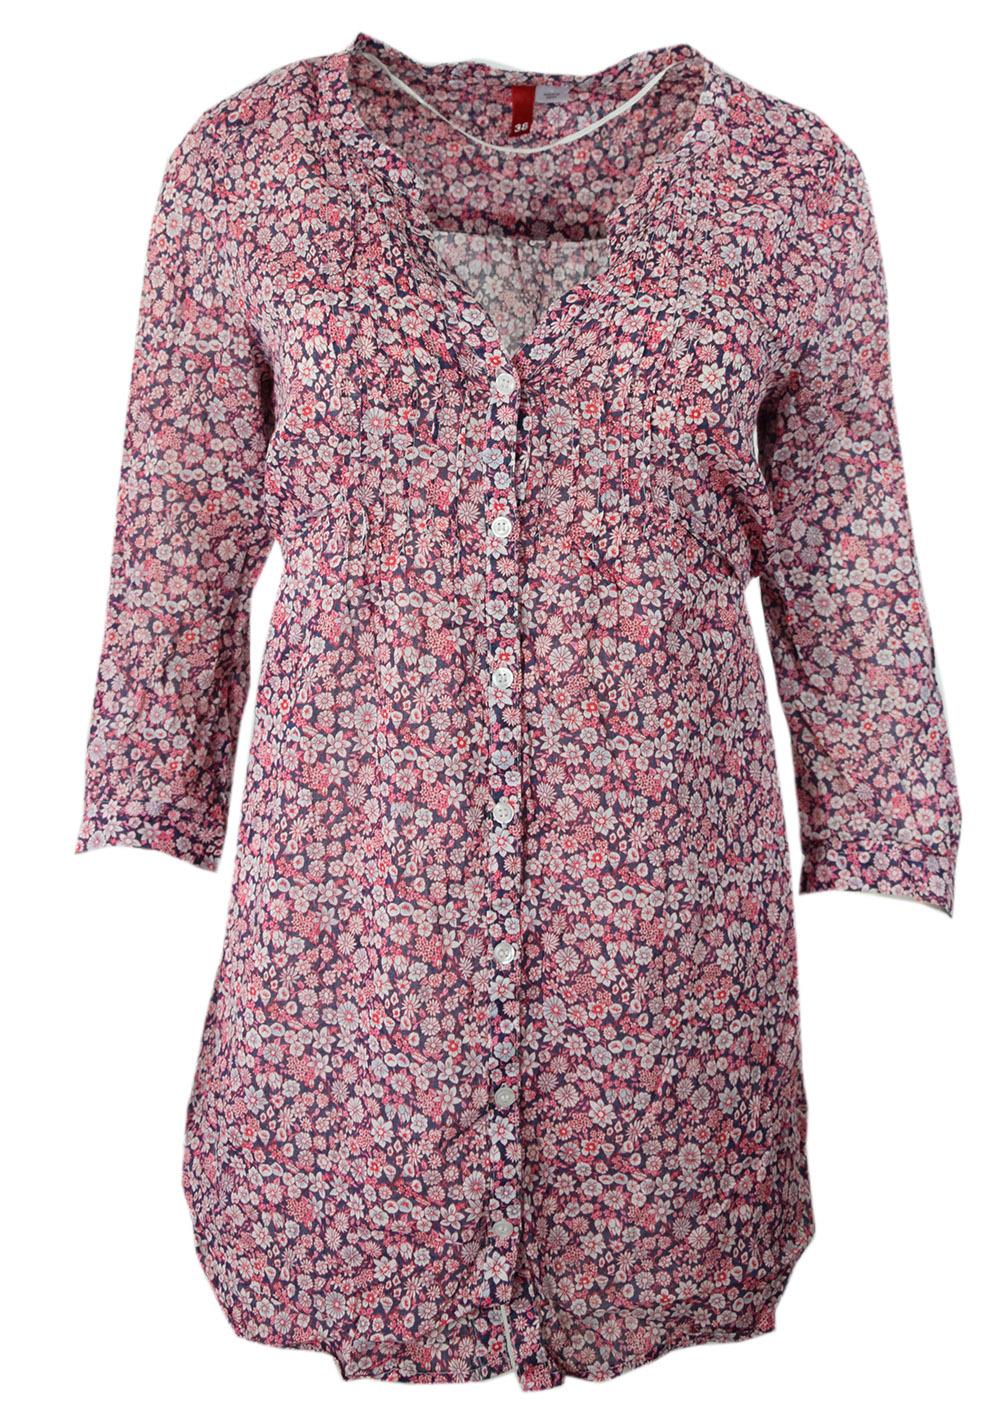 ce8cdb3a71bb0e H&M koszula różowa w kwiaty z wiązaniem 38/M - 7364976982 ...